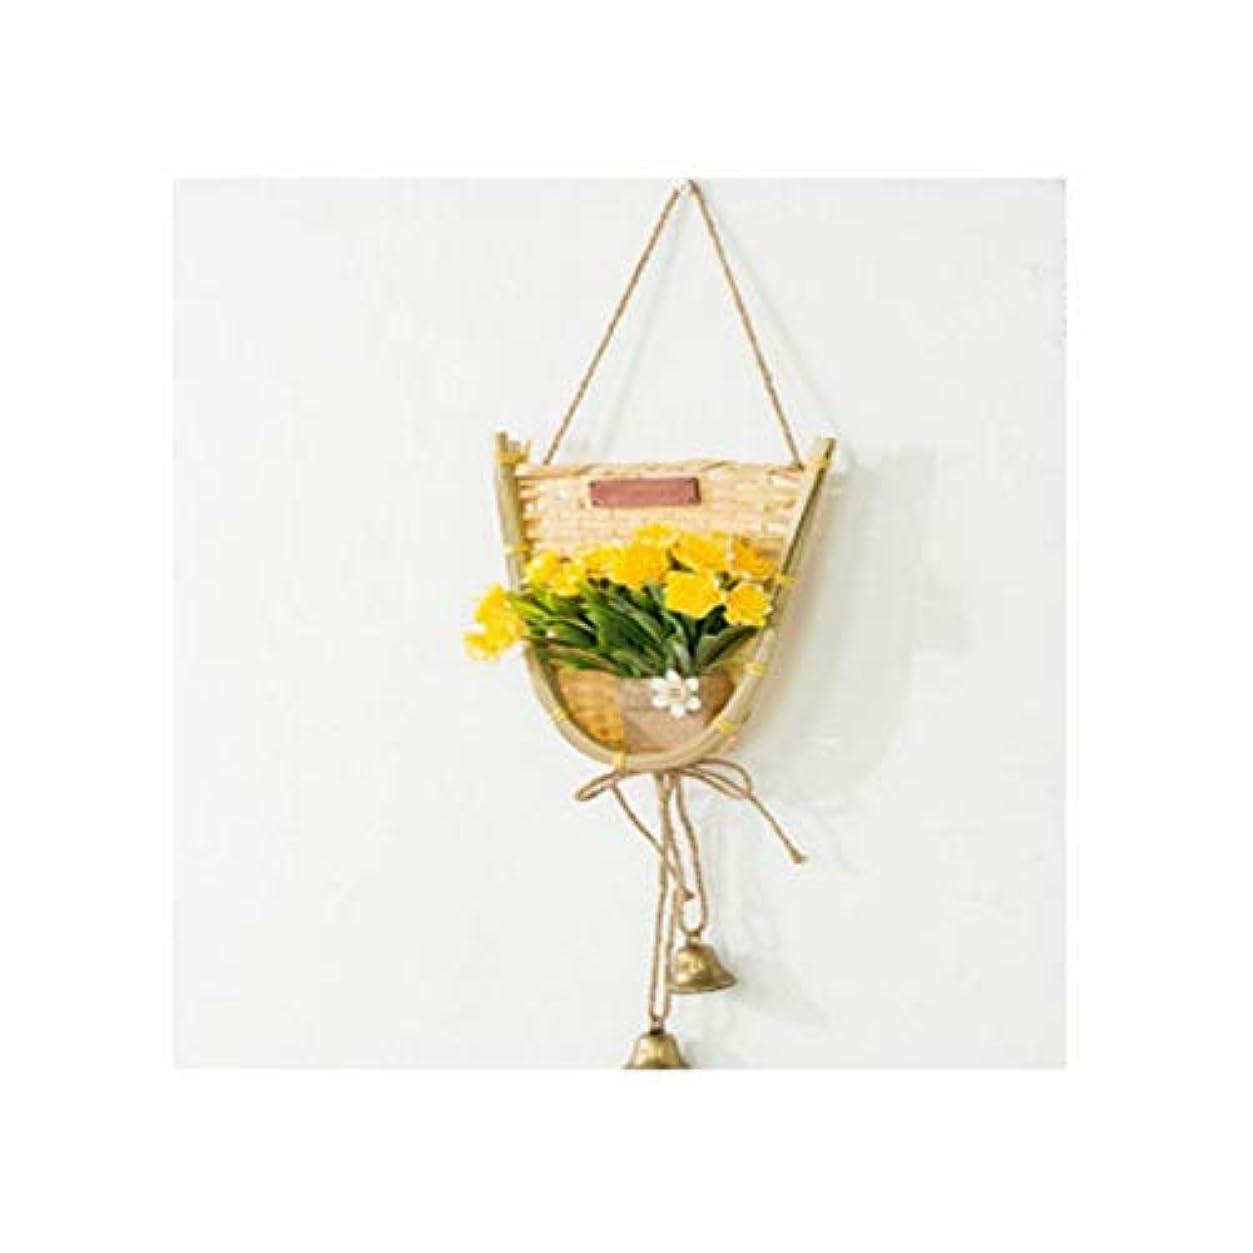 Best for Gifting Buycrafty Vintage Style Incense Bakhoor//Oud Burner Frankincense Incense Holder Electric